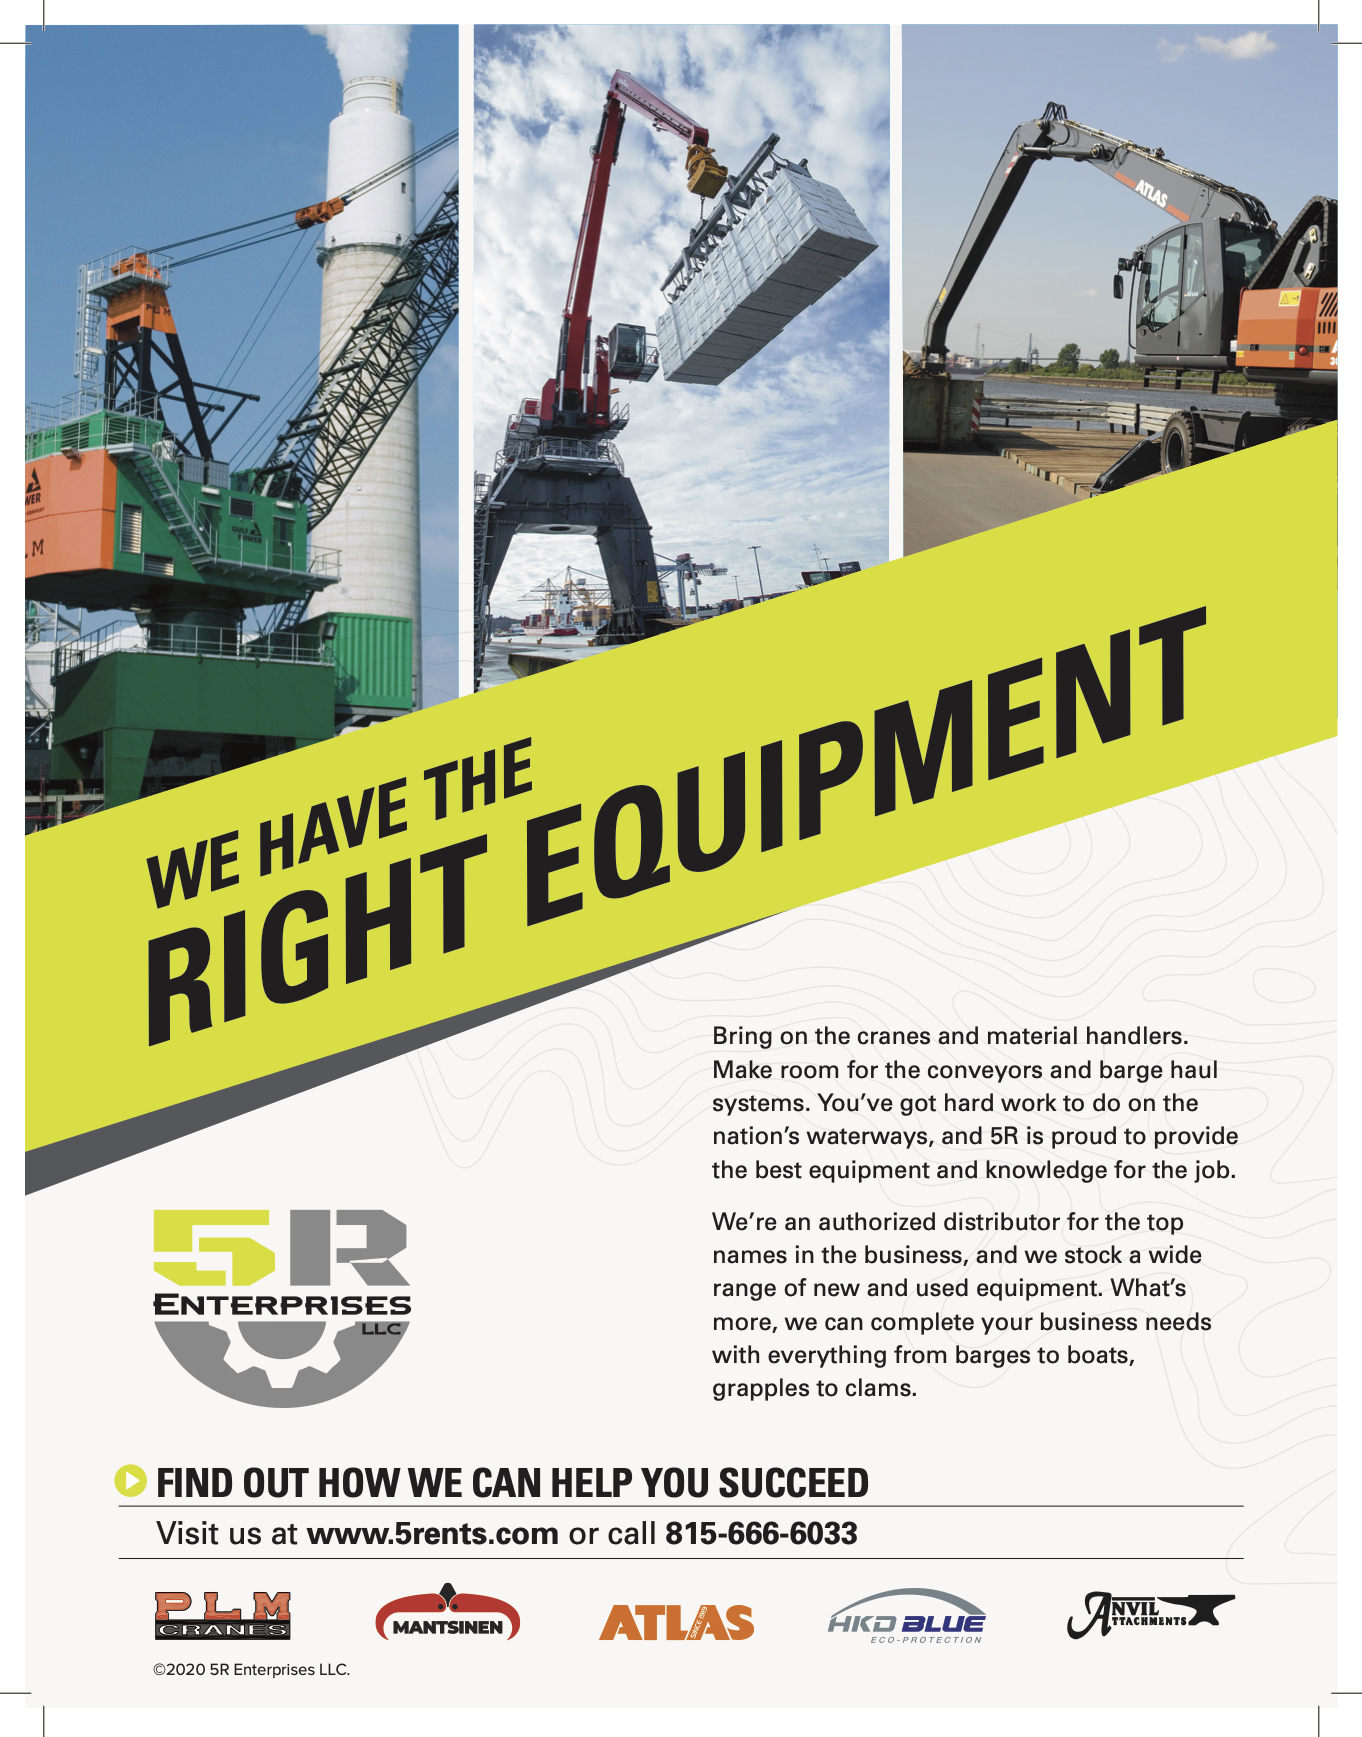 5R-Enterprises